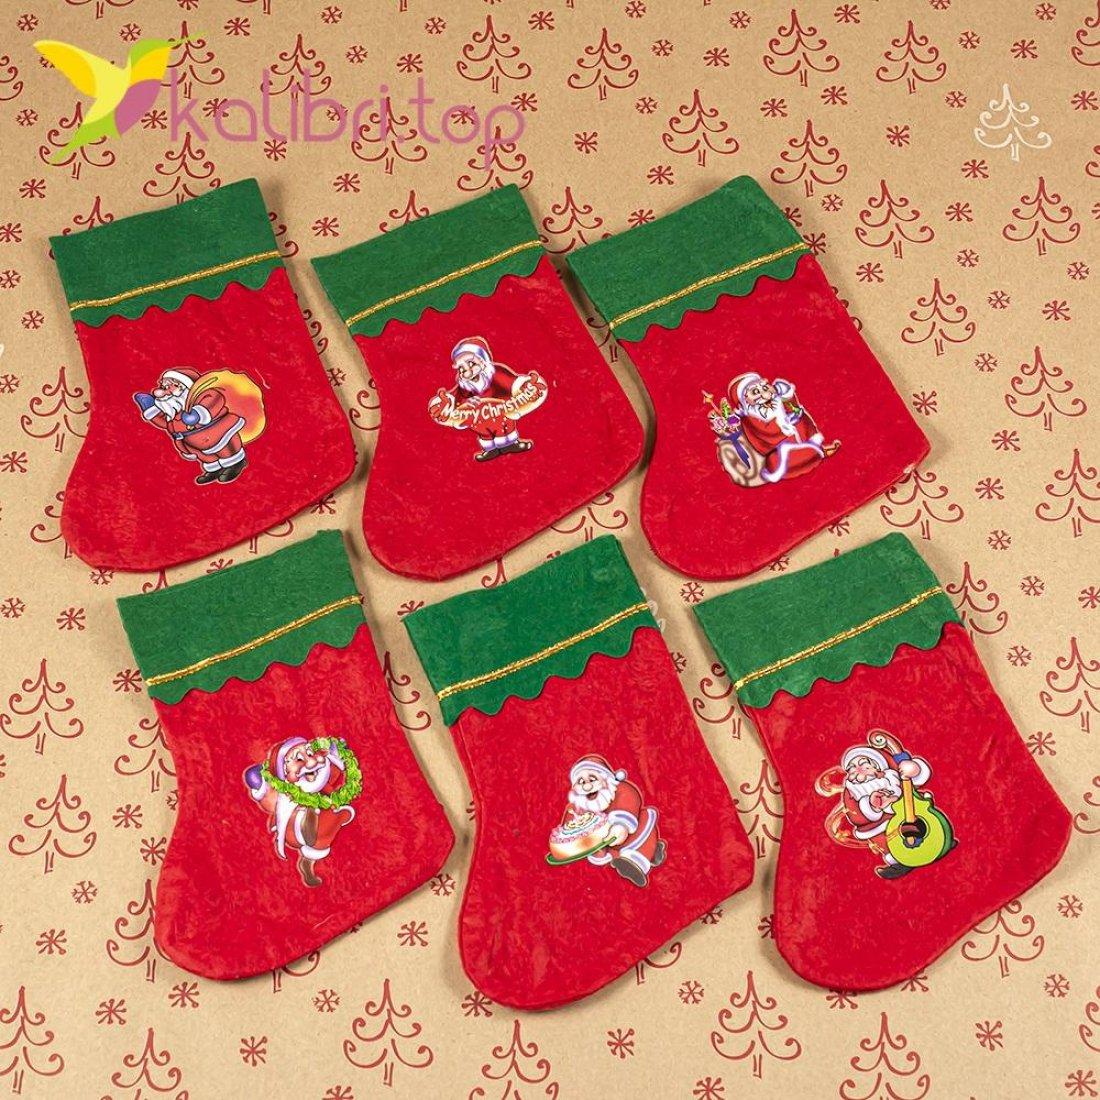 Рождественский декоративный носок микс НК-06 оптом фото 7724